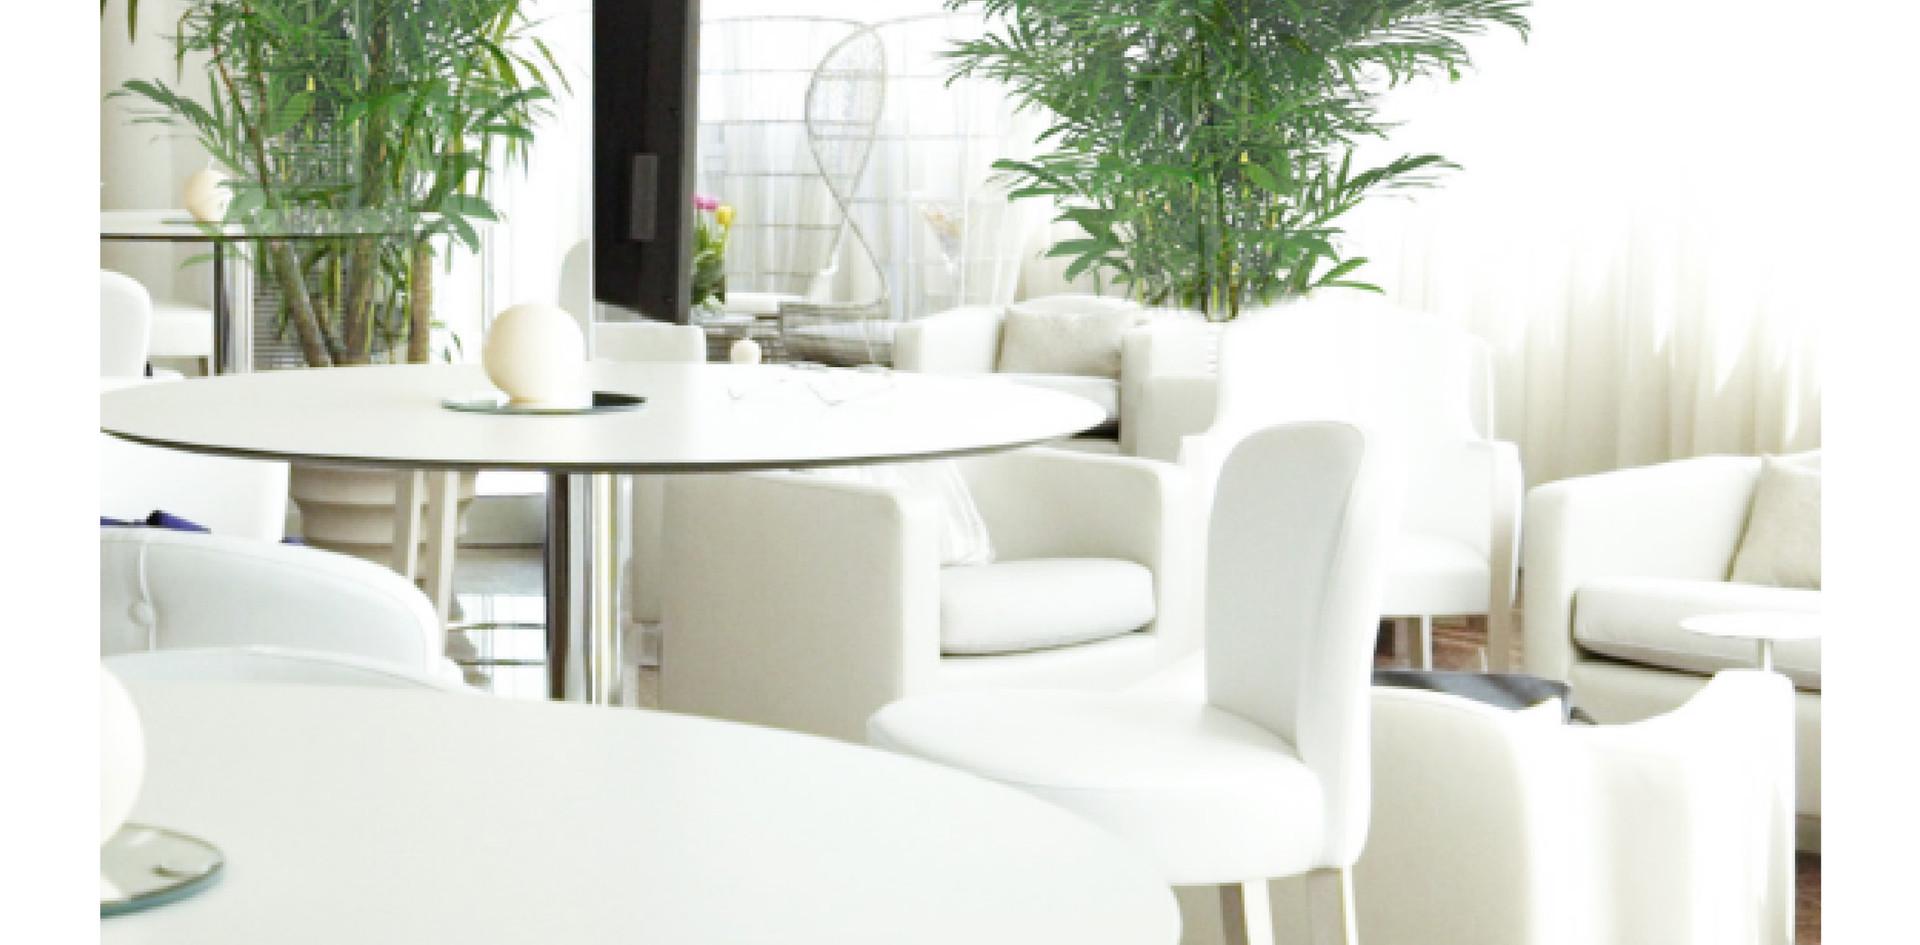 eb interior design26.jpg